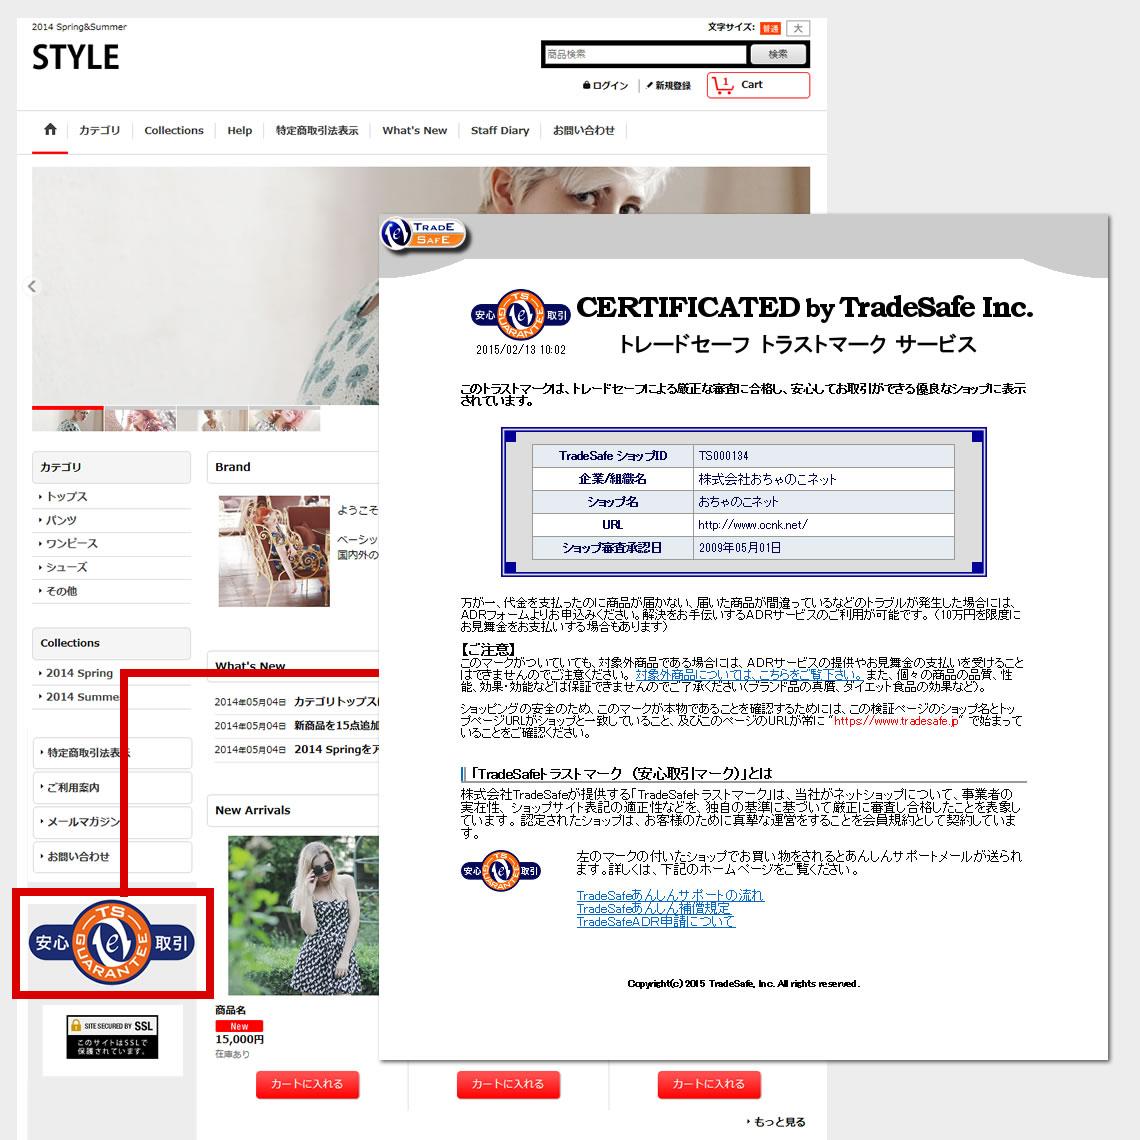 トレードセーフ画面トップページ